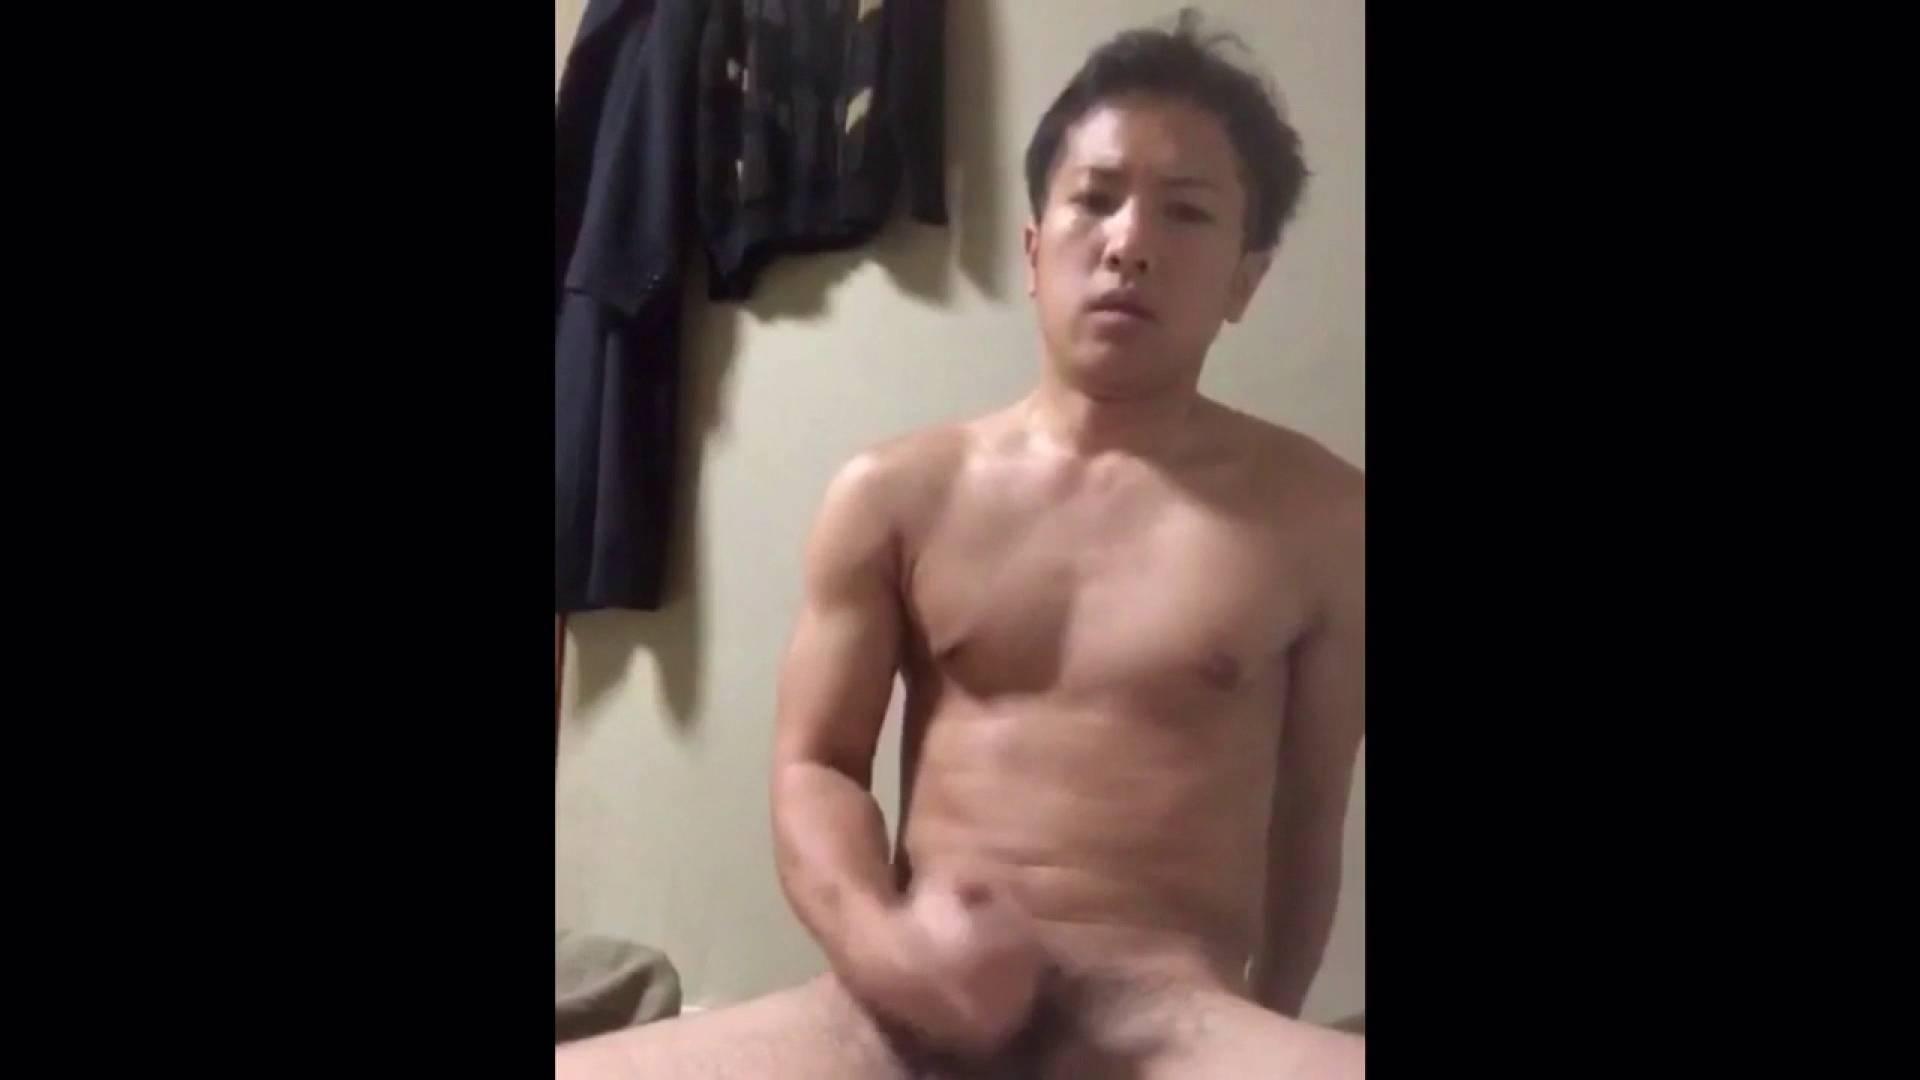 個人撮影 自慰の極意 Vol.25 ゲイの自慰 ゲイ無料エロ画像 111pic 5